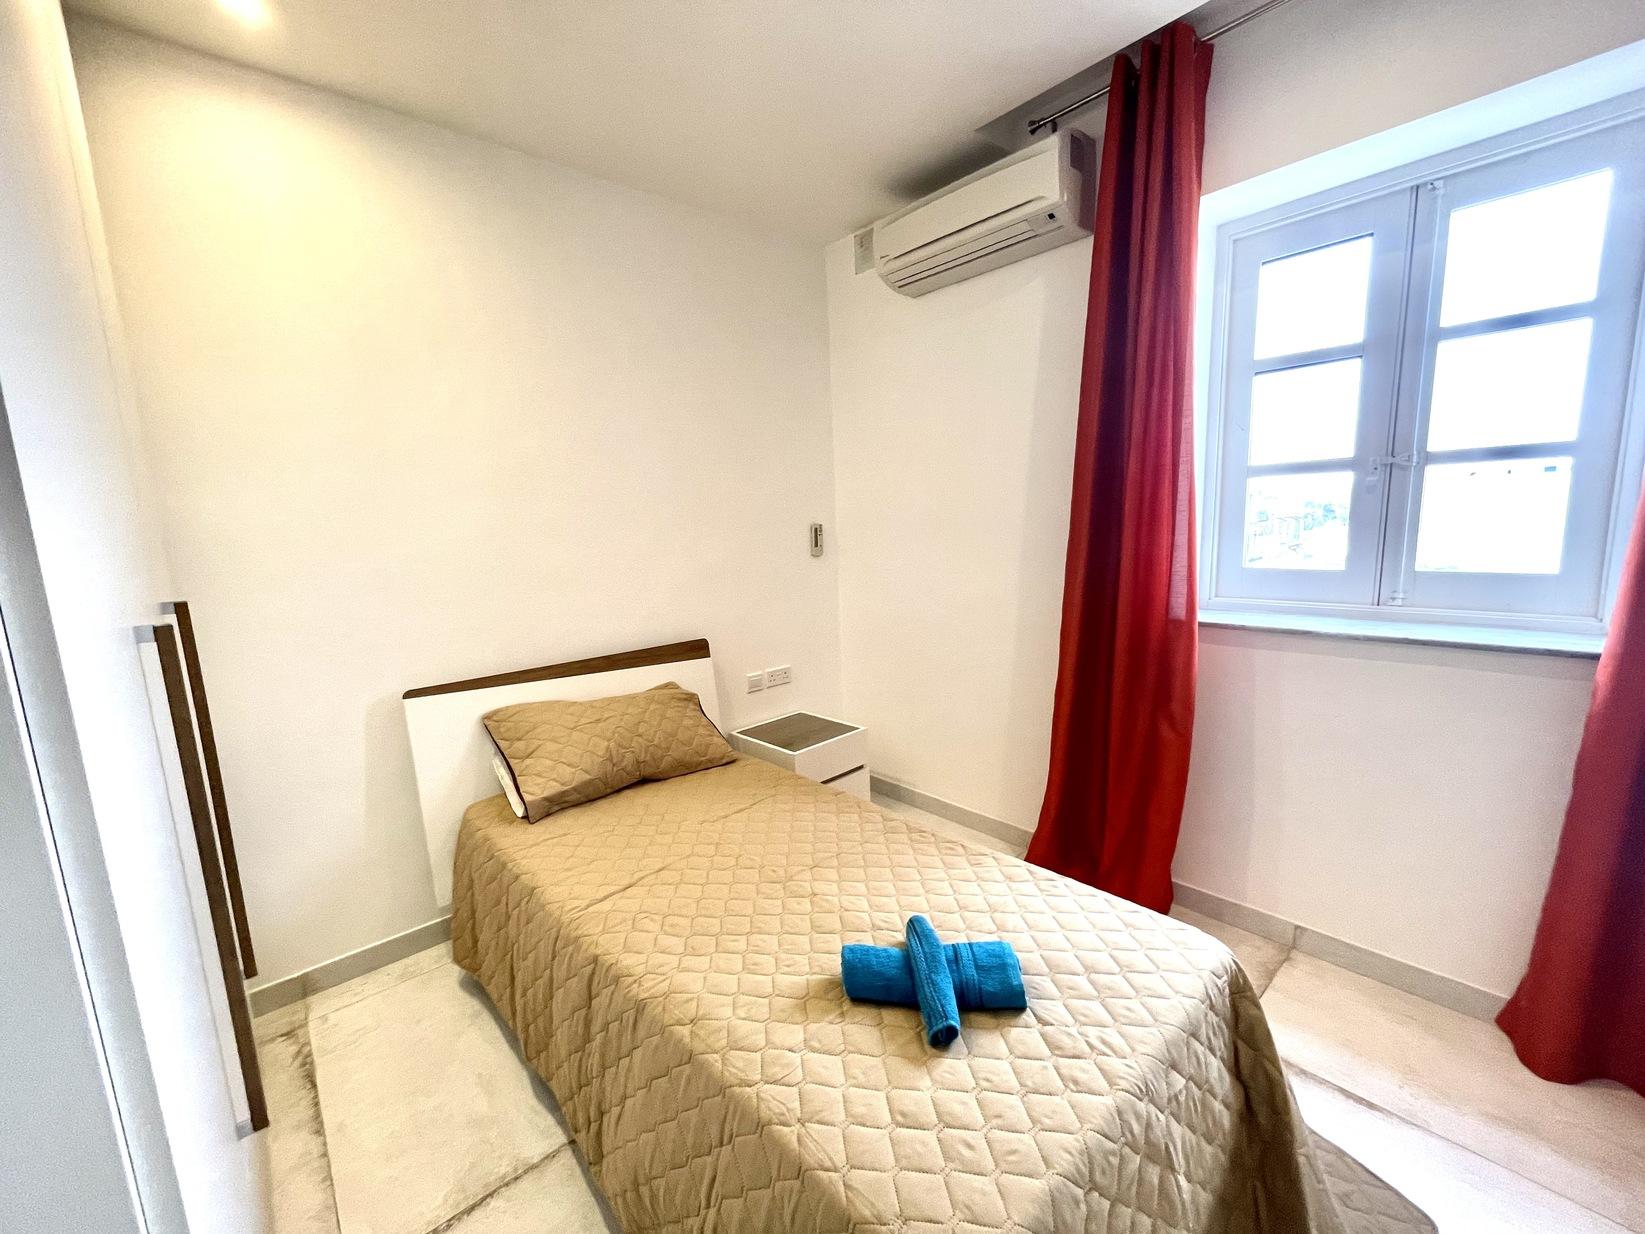 3 bed Apartment For Rent in Kalkara, Kalkara - thumb 14